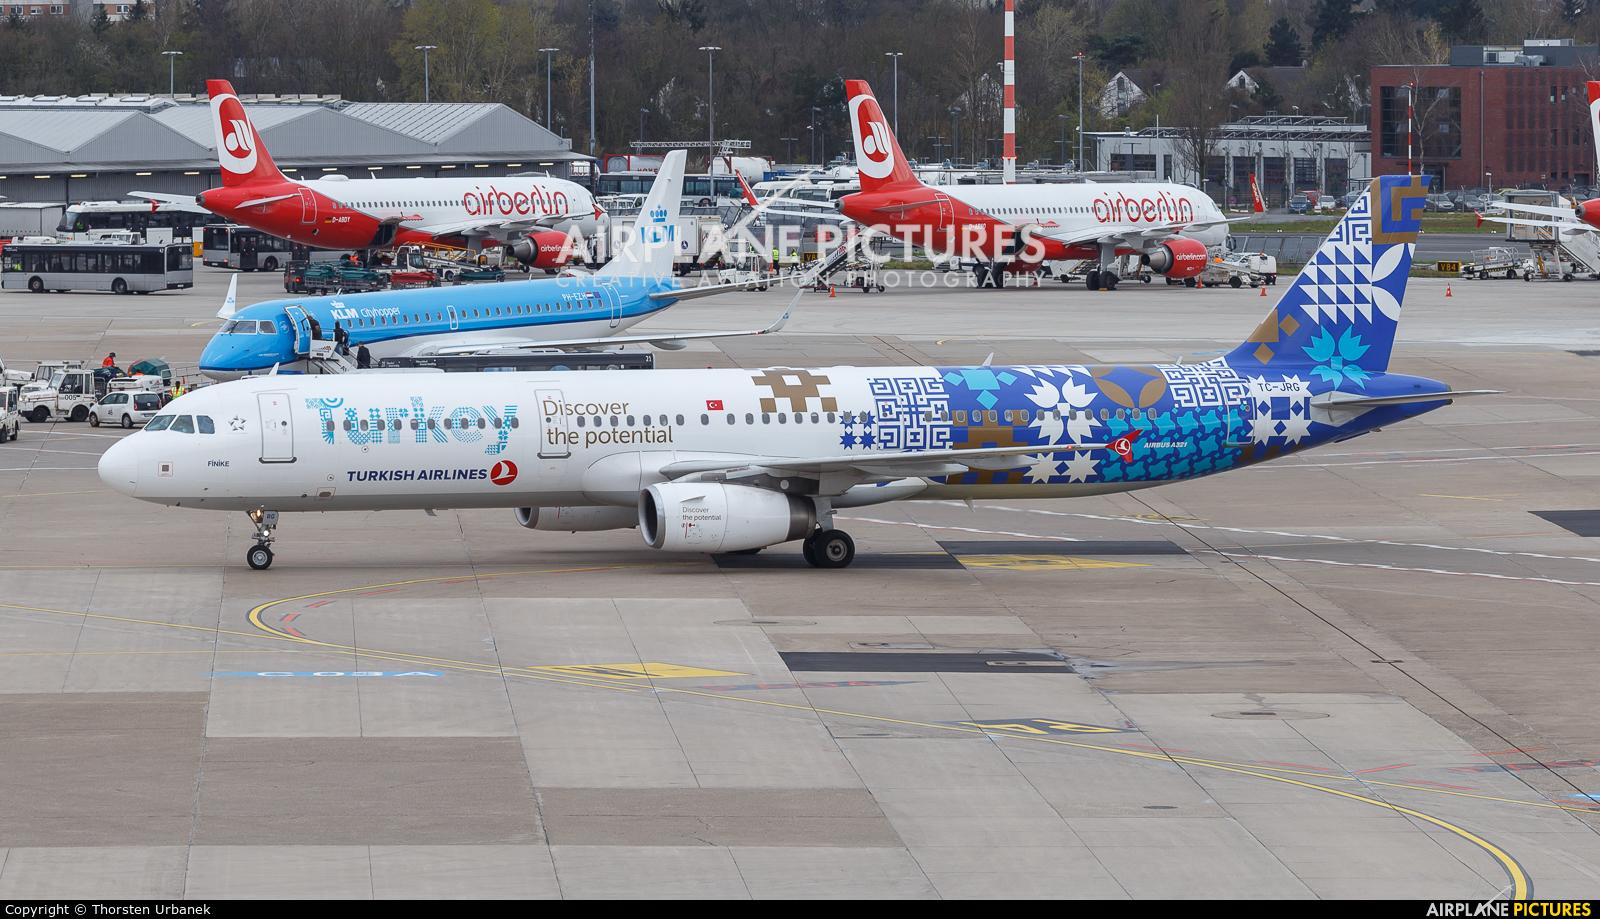 Turkish Airlines TC-JRG aircraft at Düsseldorf